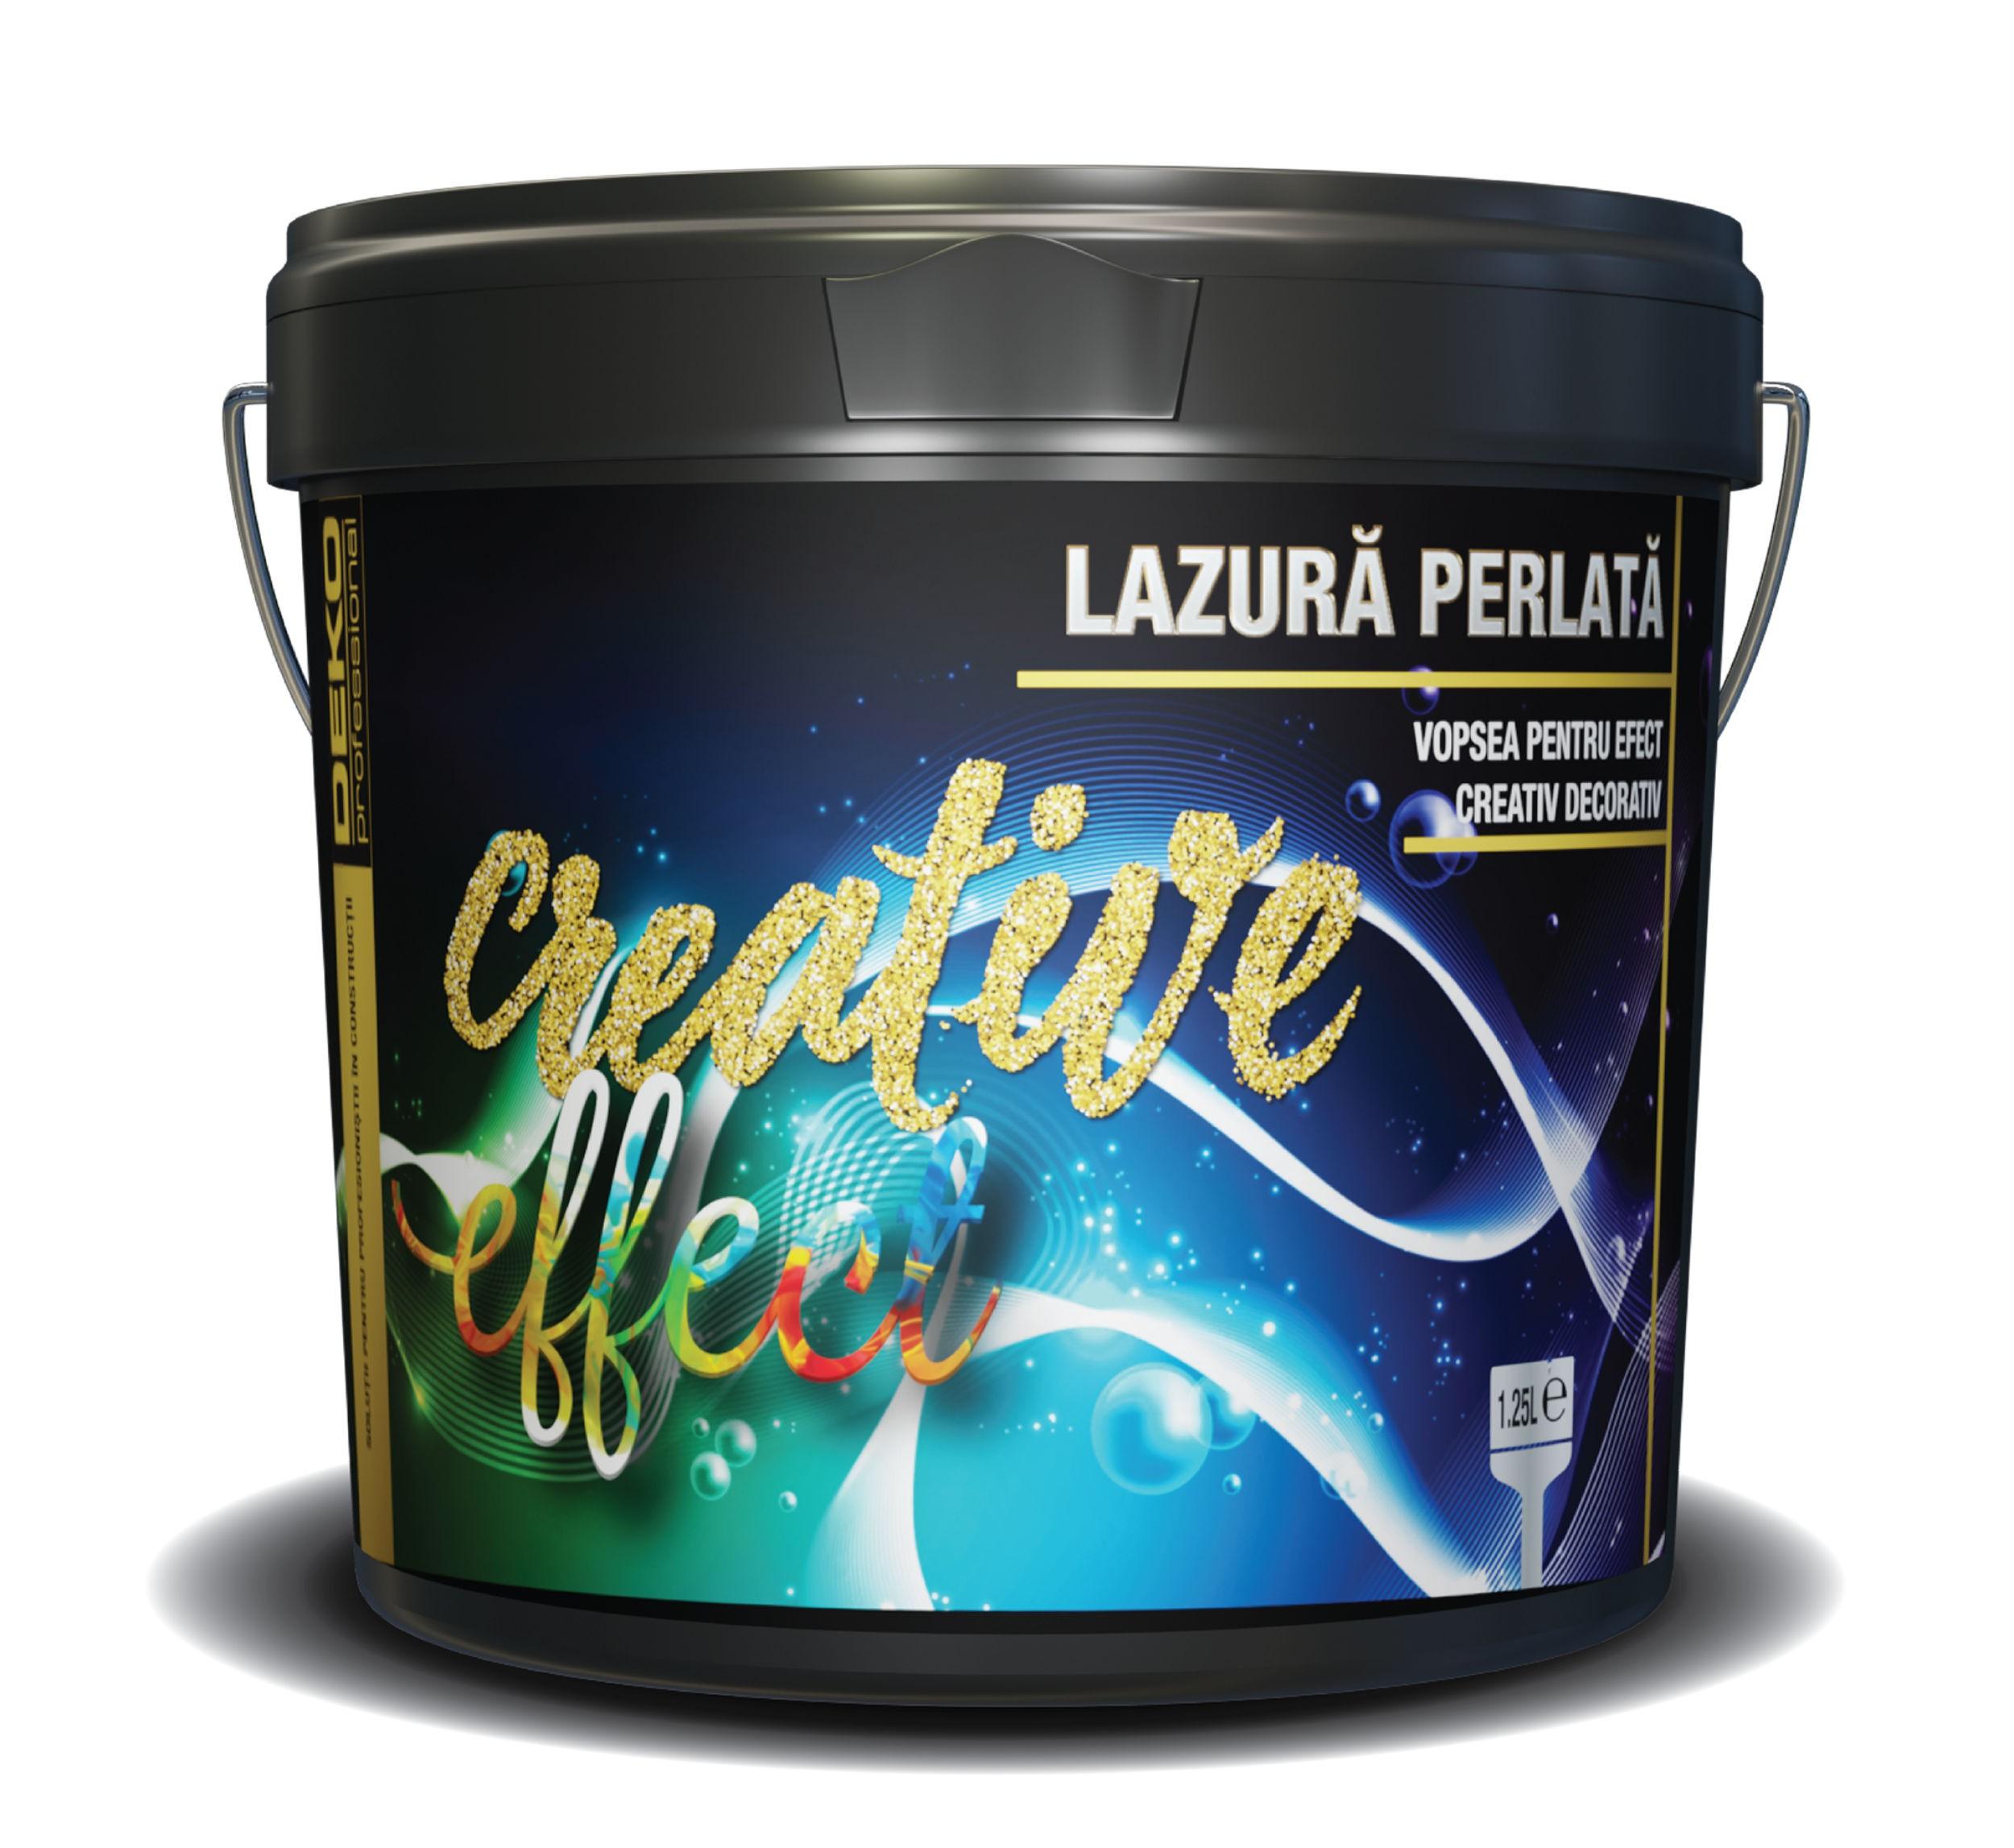 • ușor și confortabil de aplicat •. Dedeman Vopsea Decorativa Deko Creative Effect Lazura Perlata Interior Gold 1 25 L Dedicat Planurilor Tale